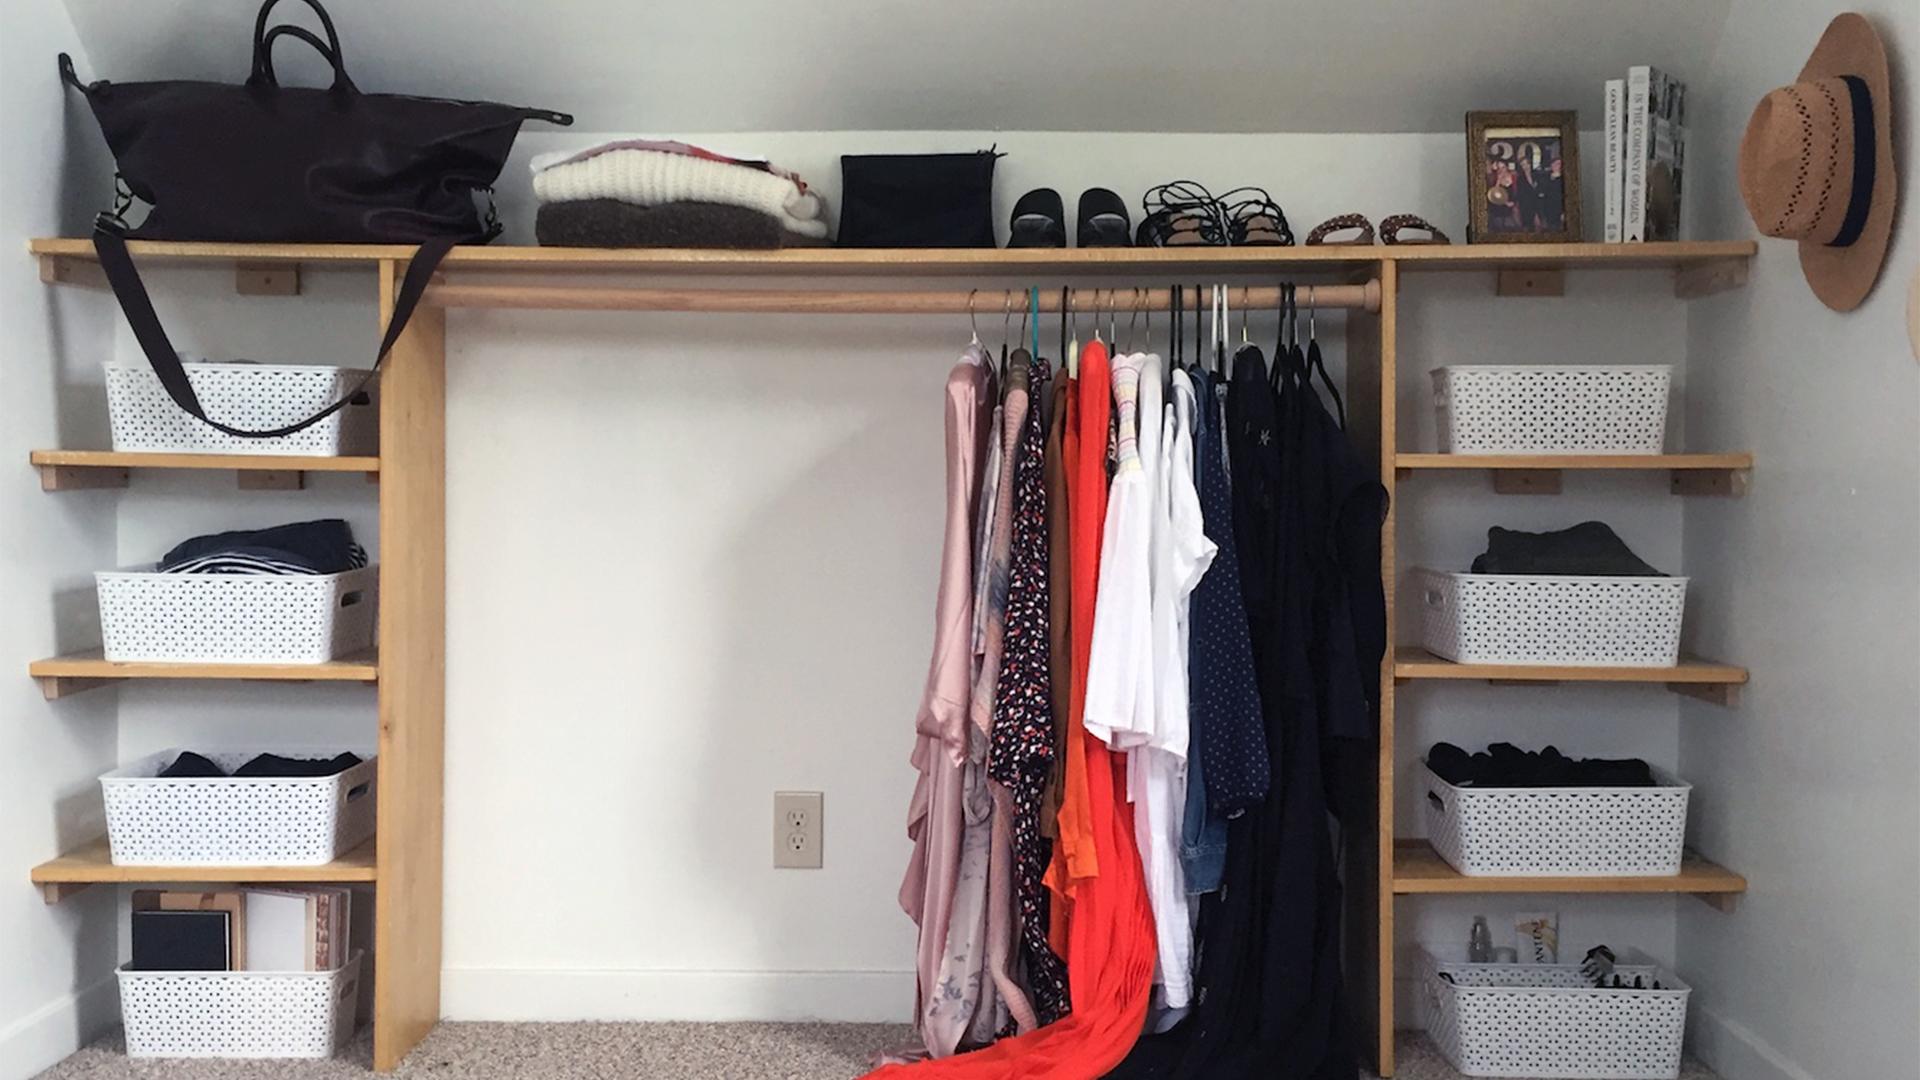 How To Make A Dream Diy Dressing Room Life Storage Blog